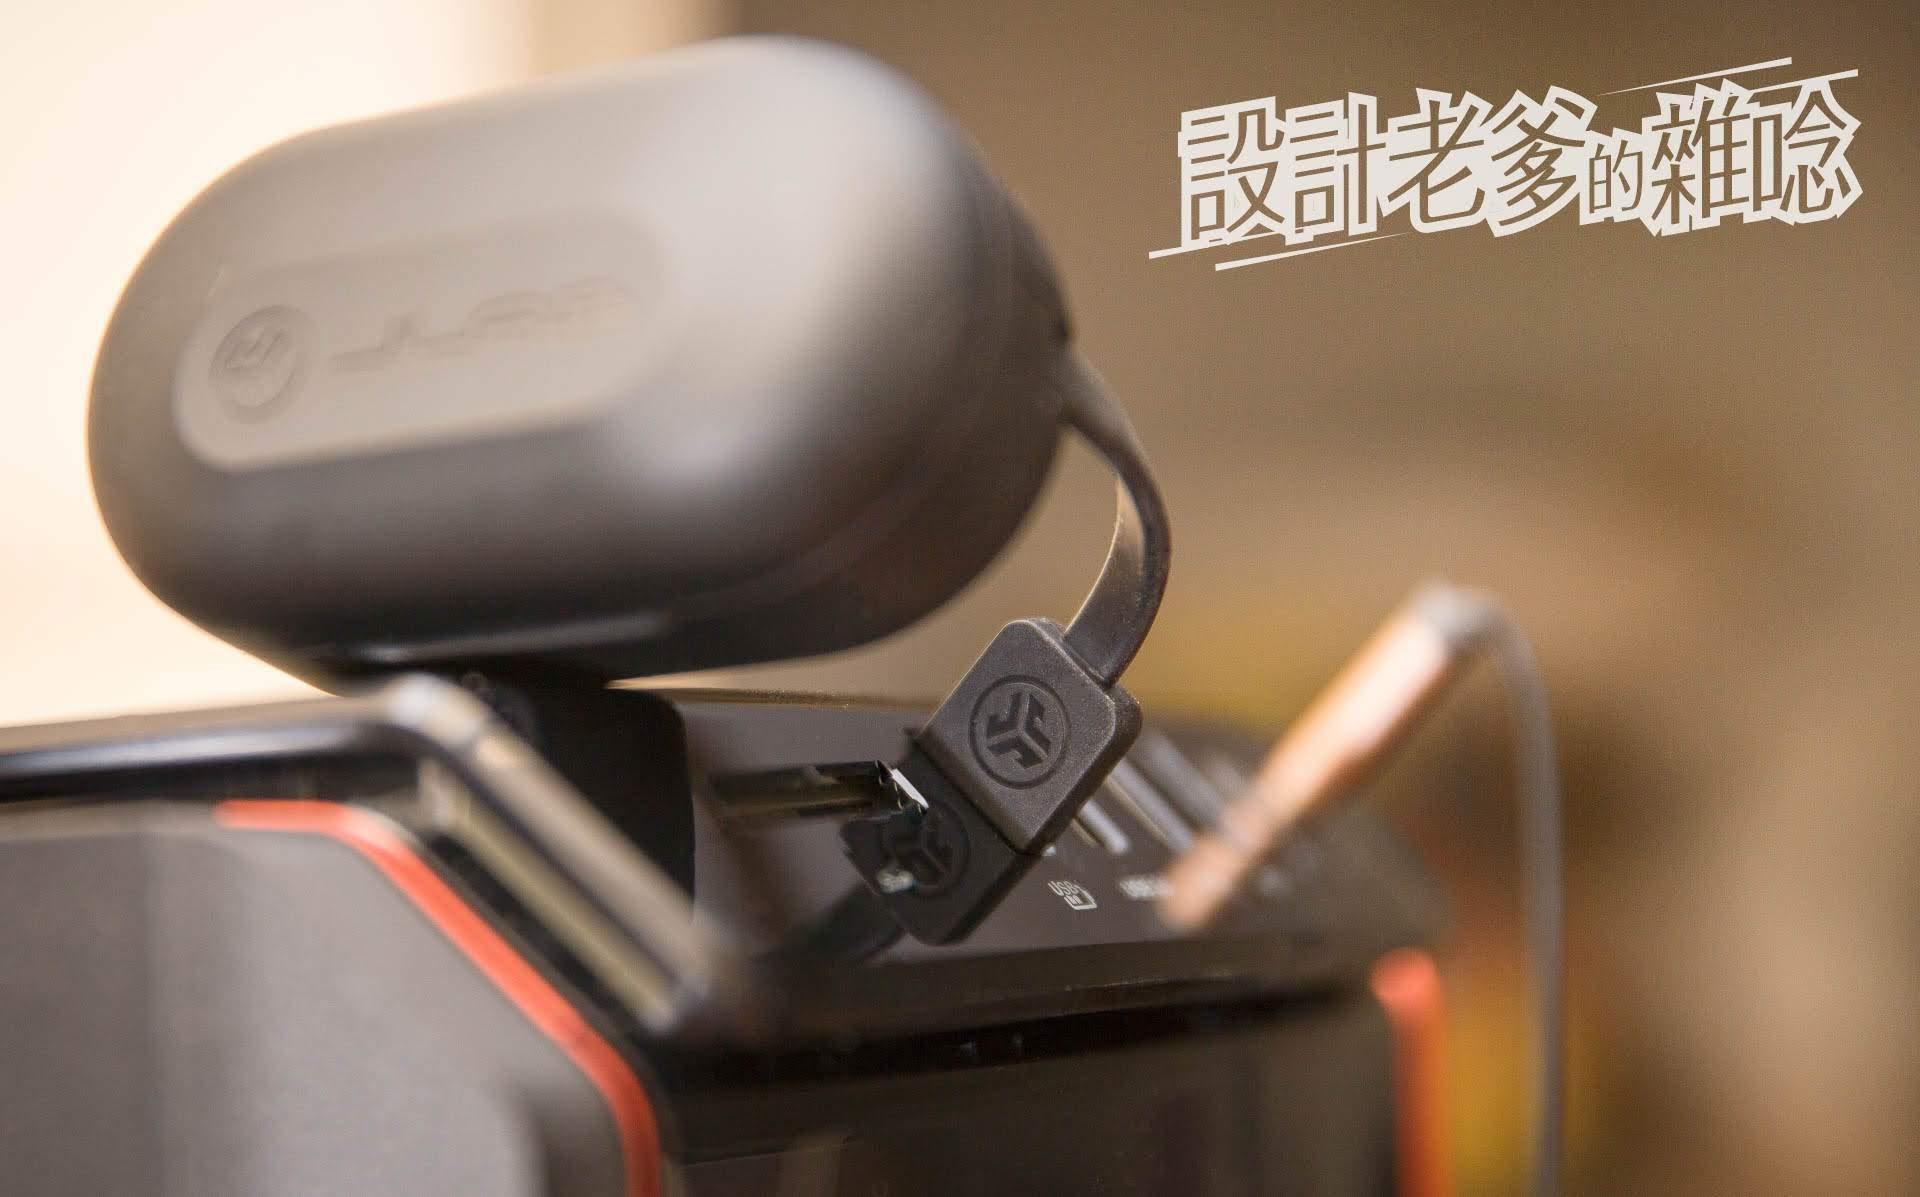 宅配【IGOGOSPORT】JLAB JBUDS AIR真無線藍牙耳機...還不跟我一樣無痛摘線,享受連線穩定的無線藍牙5.0音樂